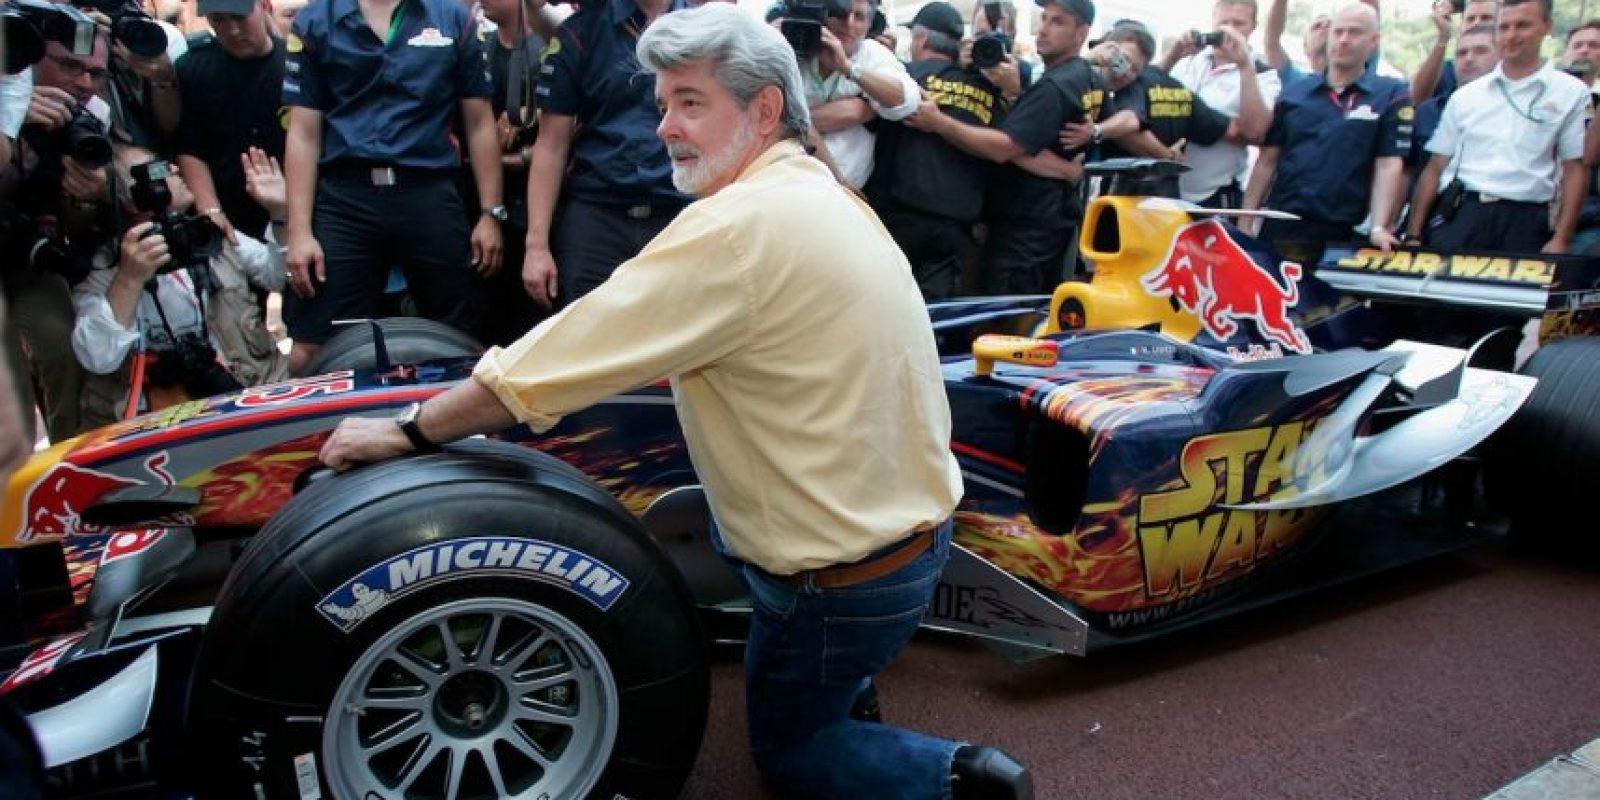 4.- A los 18 años, estaba obsesionado con las carreras de autos, pero todo cambió cuando, a semanas de su graduación, un automóvil que viajaba a exceso de velocidad se estrelló con él. Foto:Getty Images